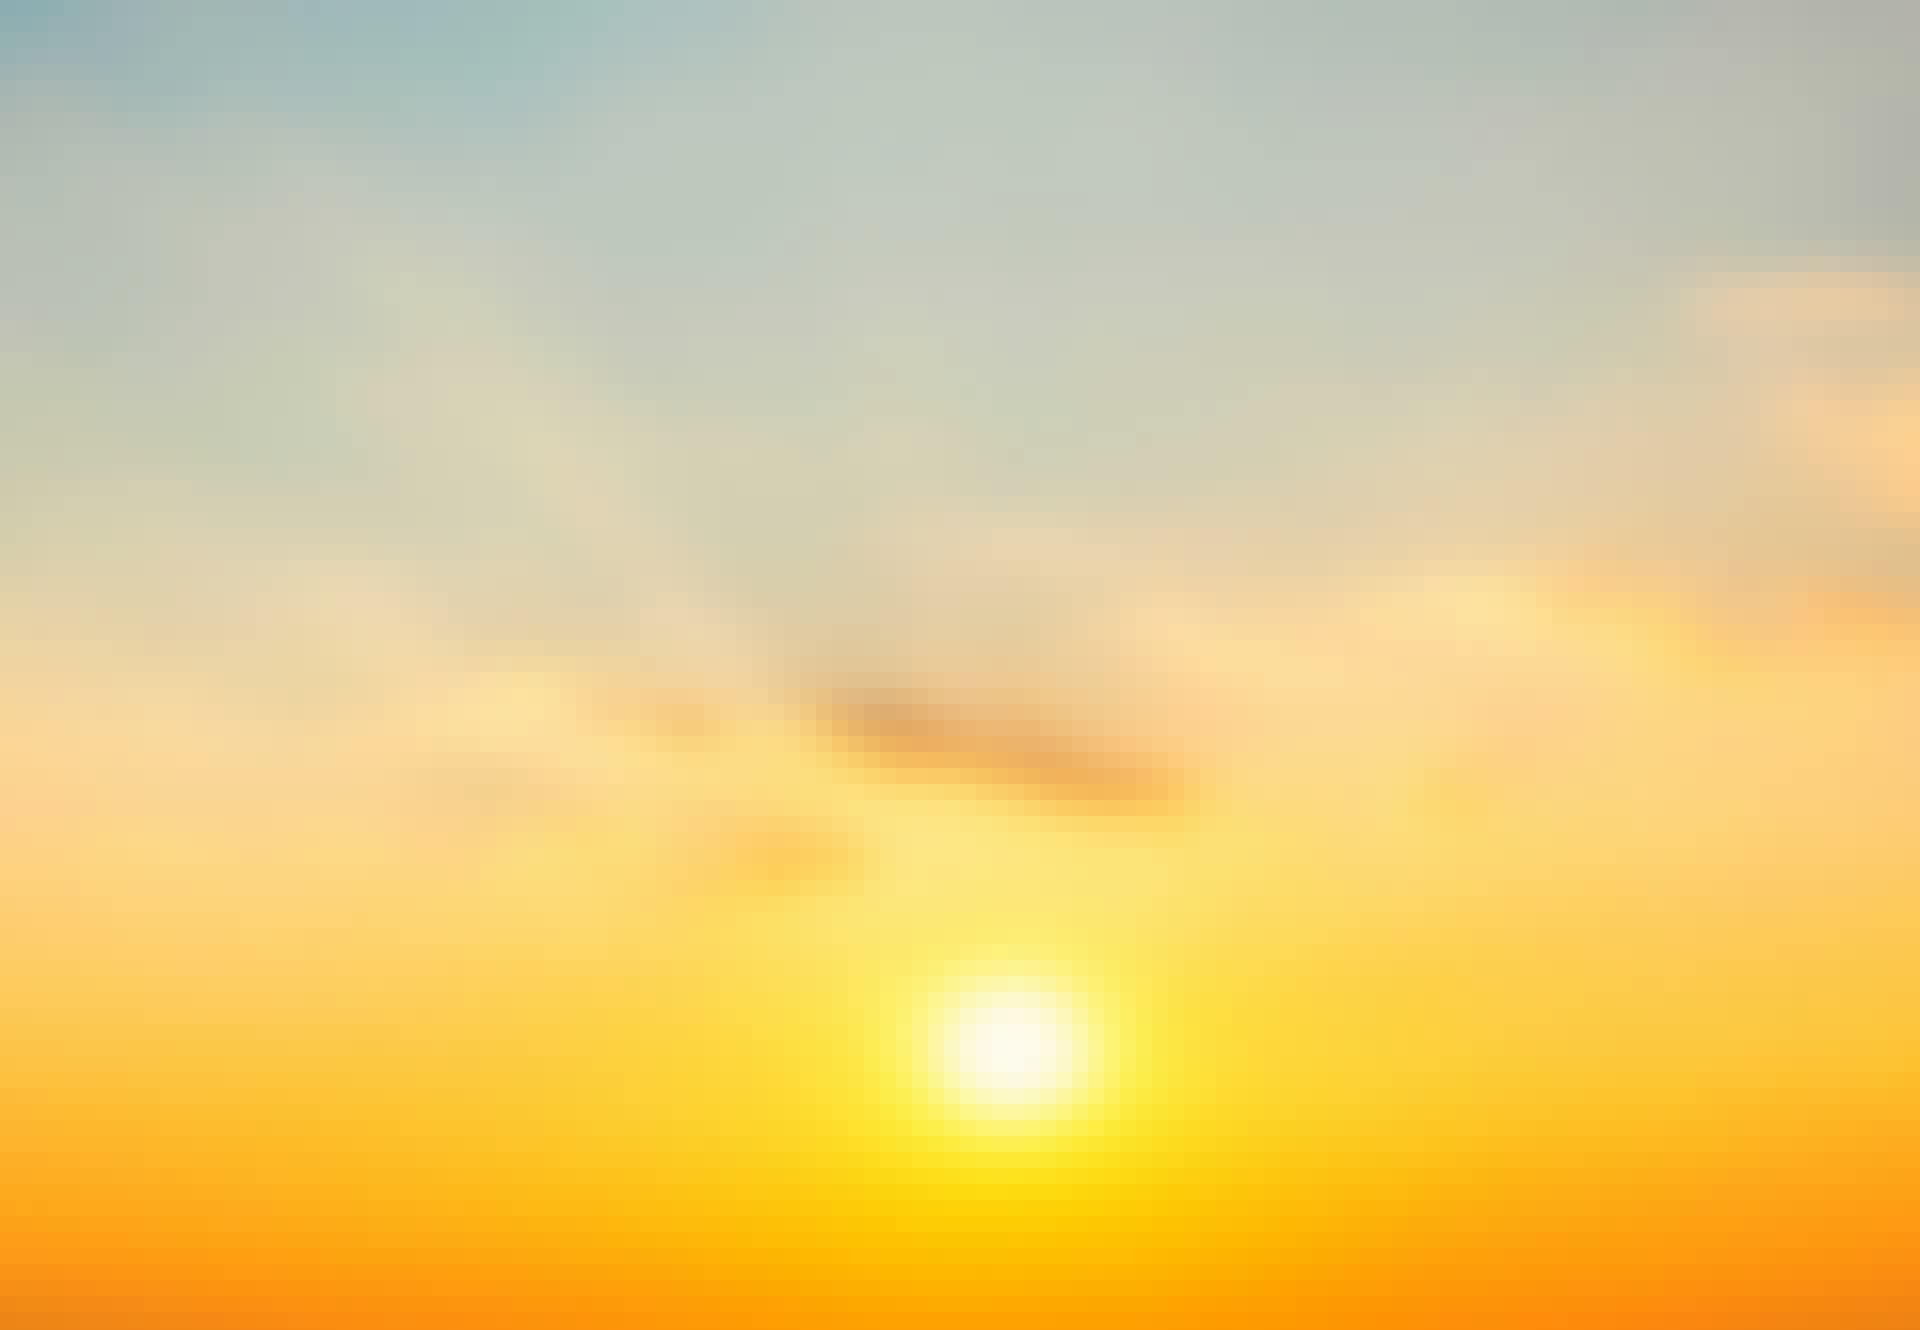 Sommarsolstånd - årets längsta dag